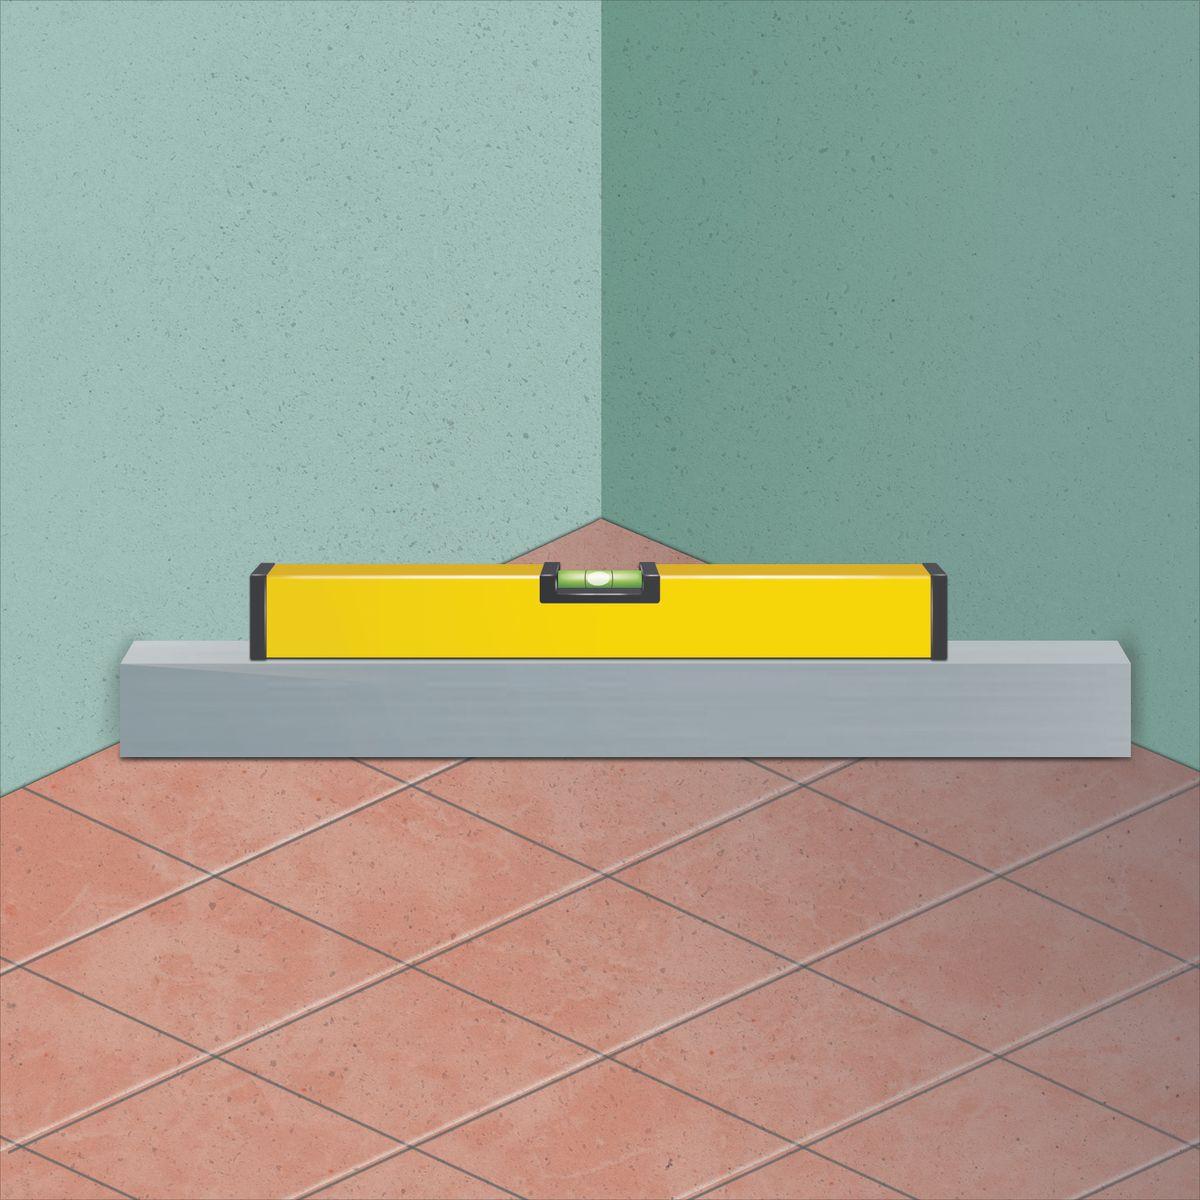 sous couche parquet leroy merlin simple moquette salle de. Black Bedroom Furniture Sets. Home Design Ideas